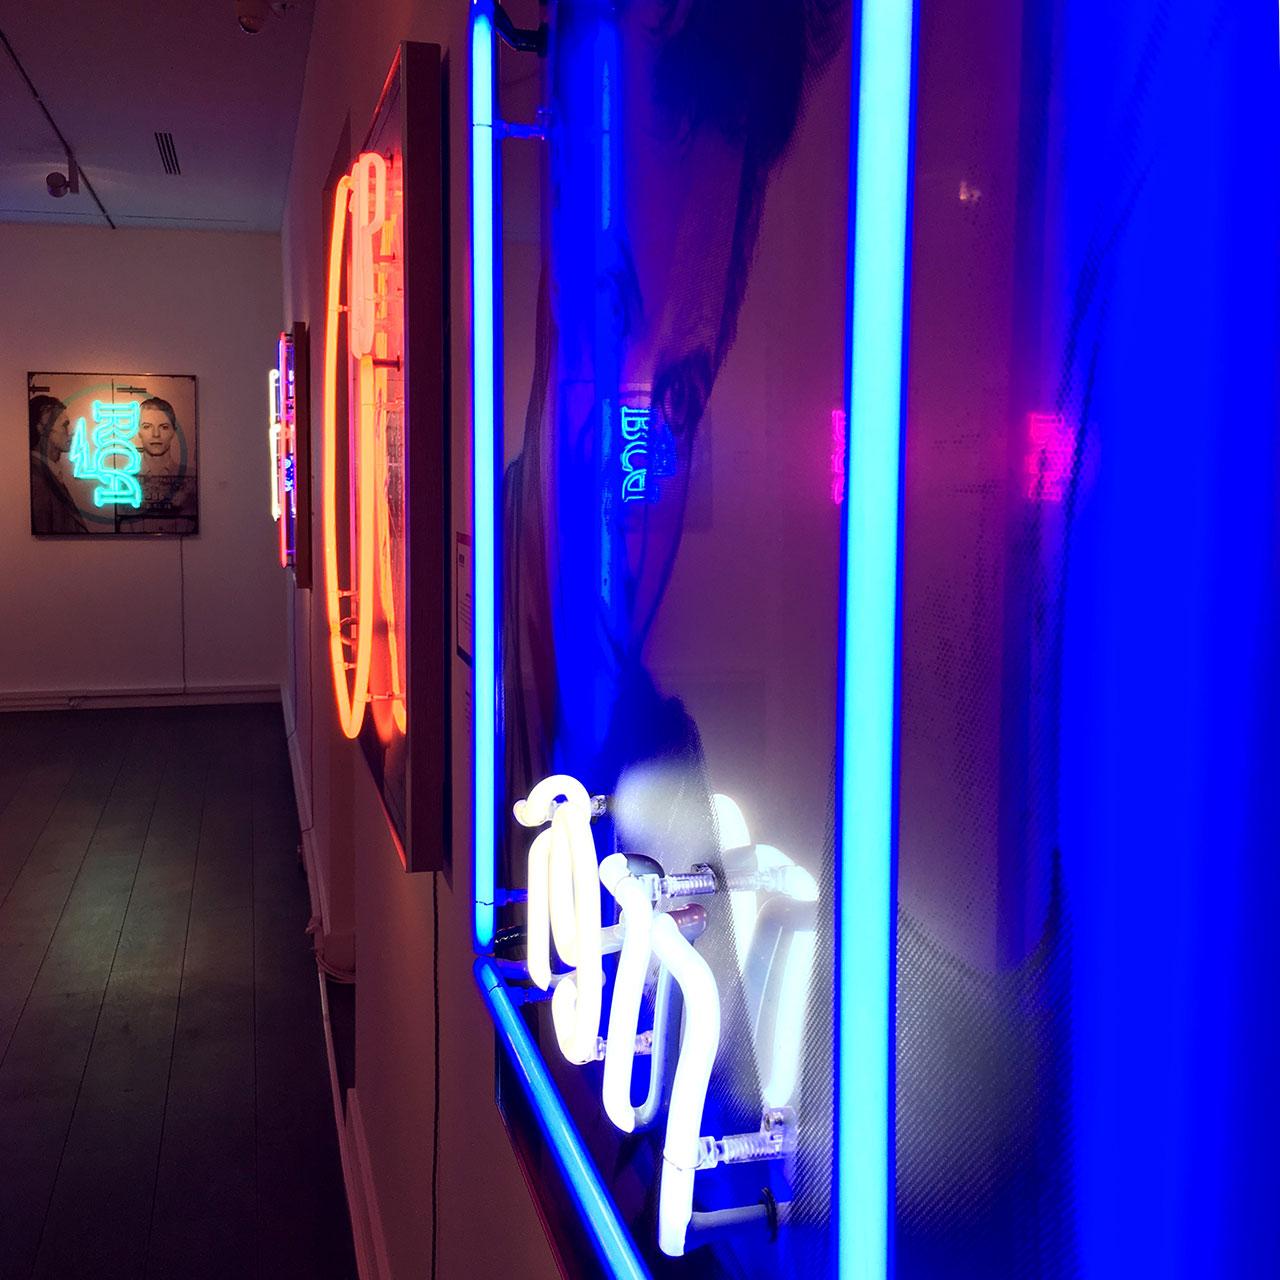 homenaje-david-bowie-neon-06